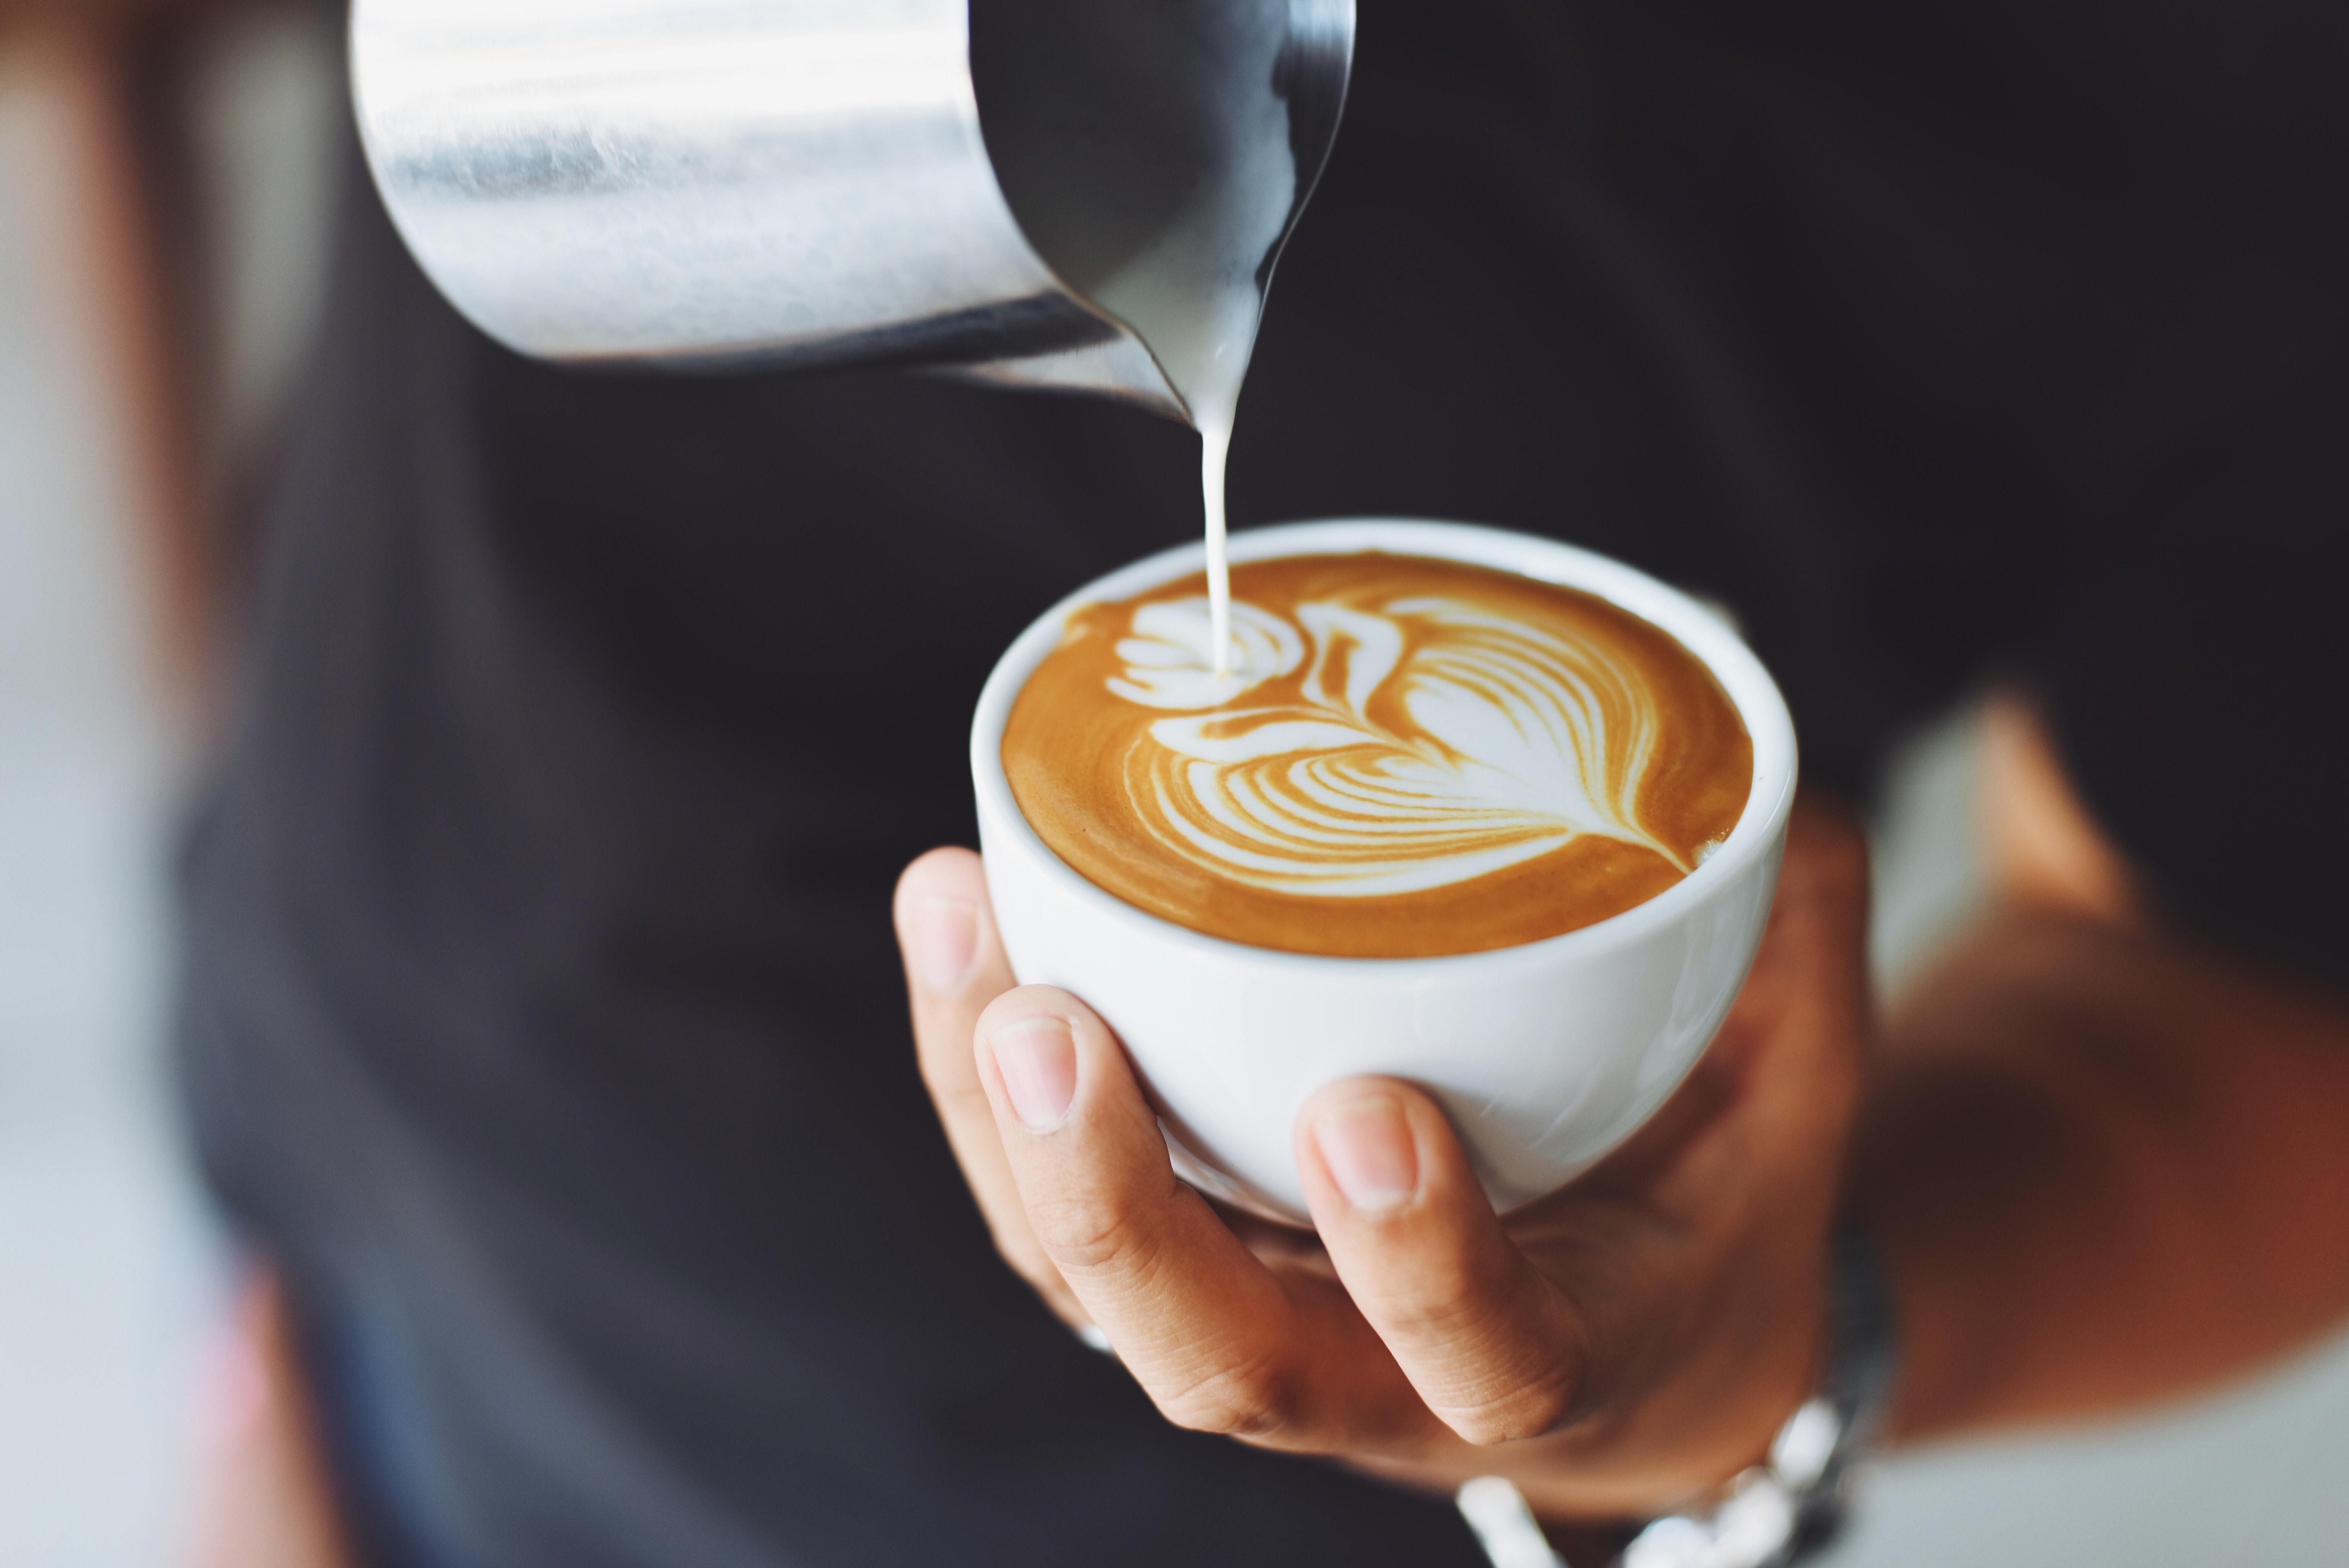 Некоторым лучше пить кофе без кофеина